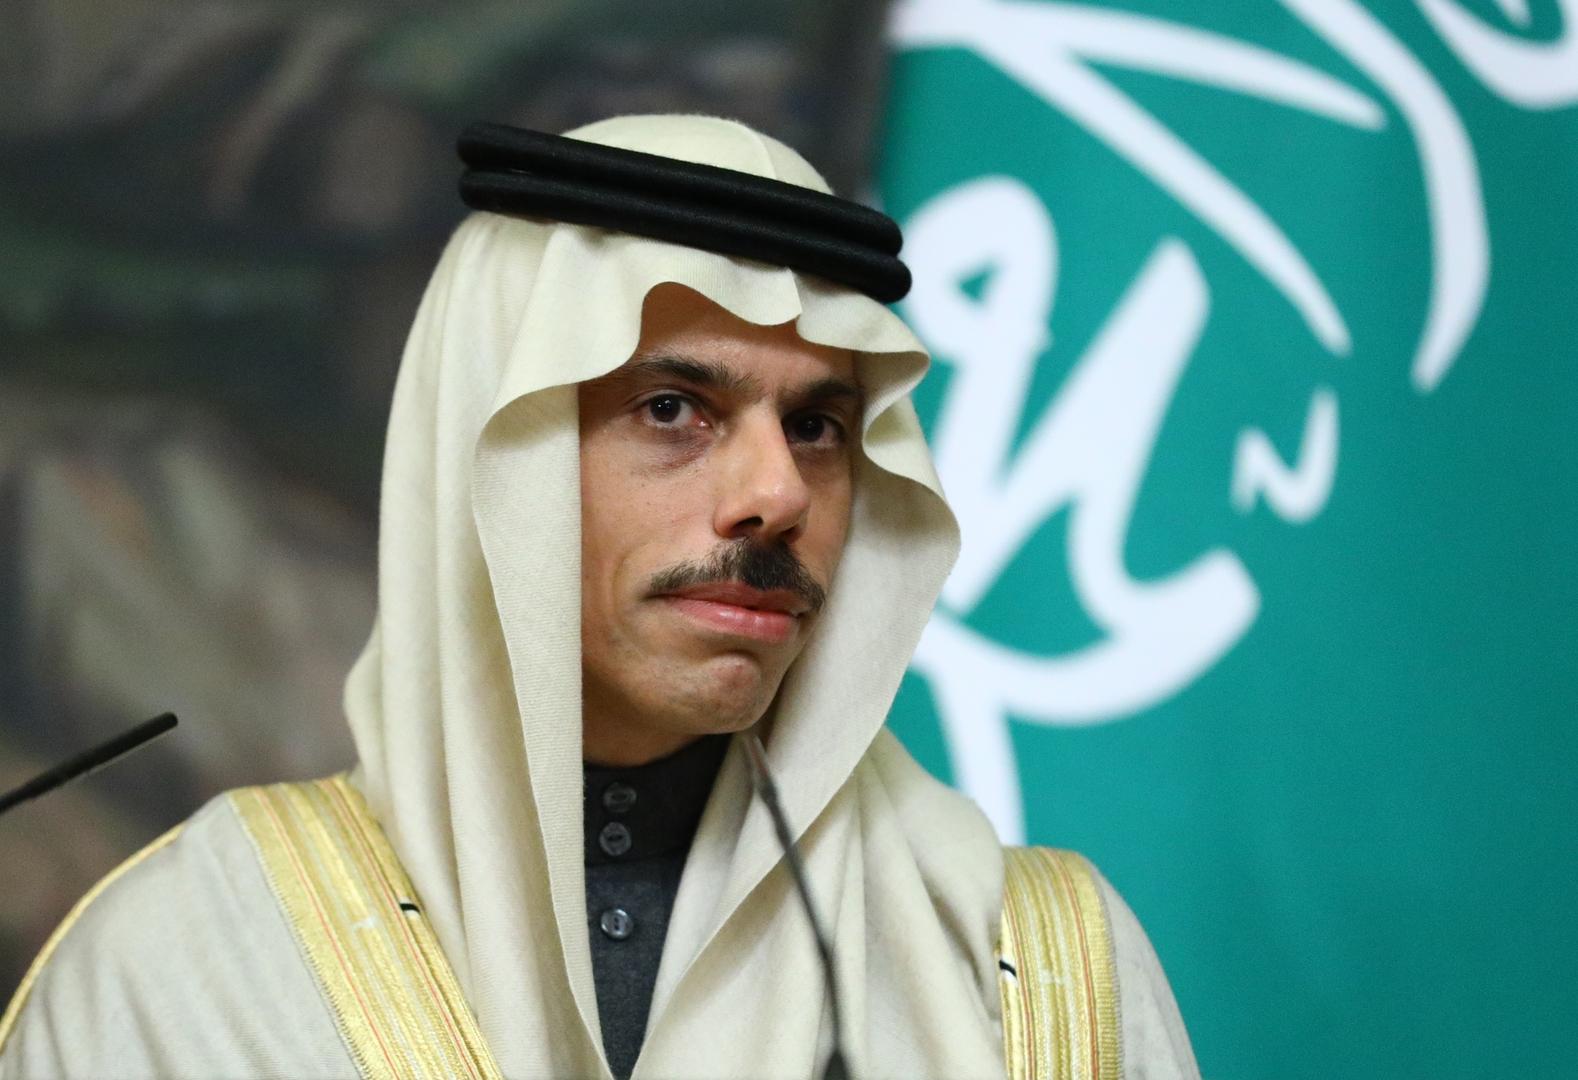 وزير خارجية السعودية: جلوسنا حول طاولة واحدة مع إيران أمر واقعي تماما